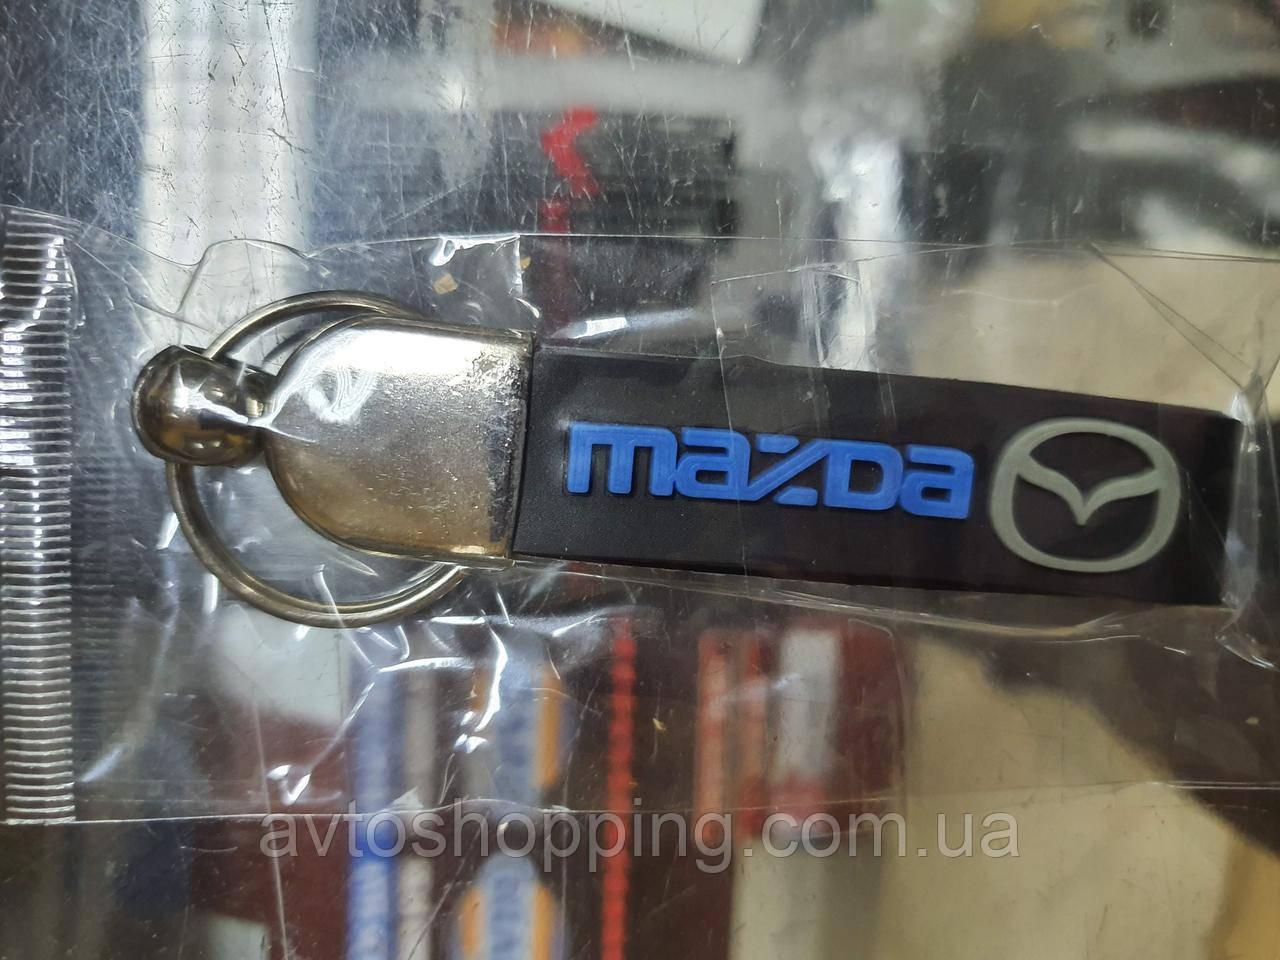 Брелок автомобильный силиконовый для ключей Mazda Мазда, Качество! Турция! Брелок для ключей авто